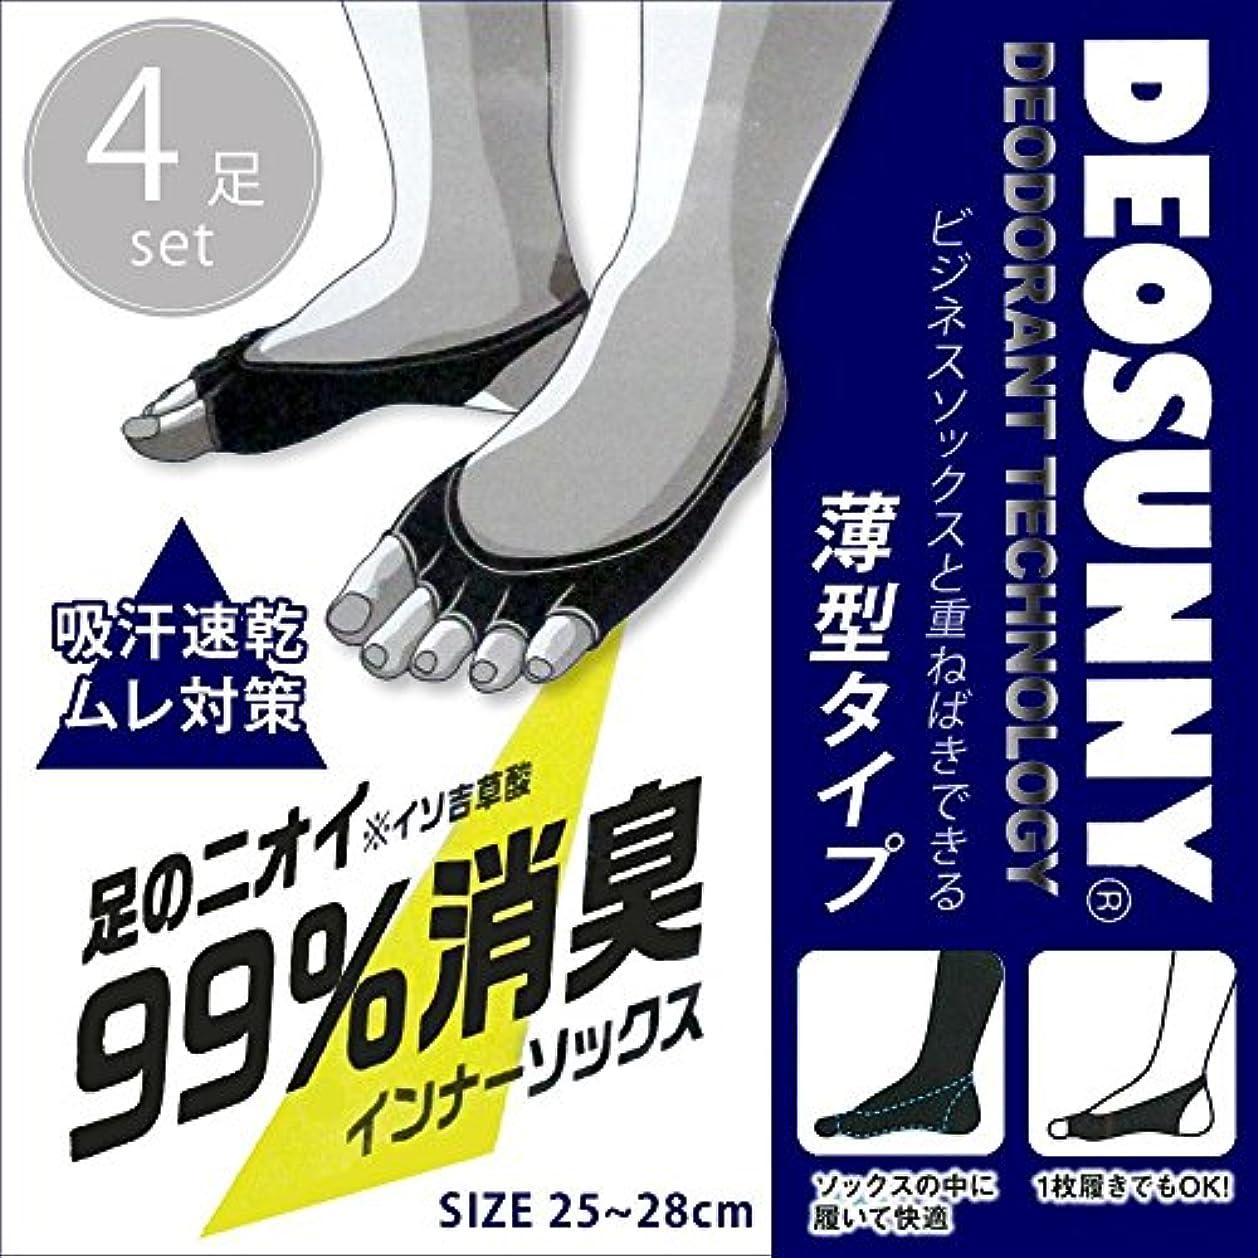 劣るボタンしおれたDEOSUNNY デオサニー 高機能消臭 抗菌防臭×吸汗速乾 インナーソックス メンズ ブラック ×4足セット